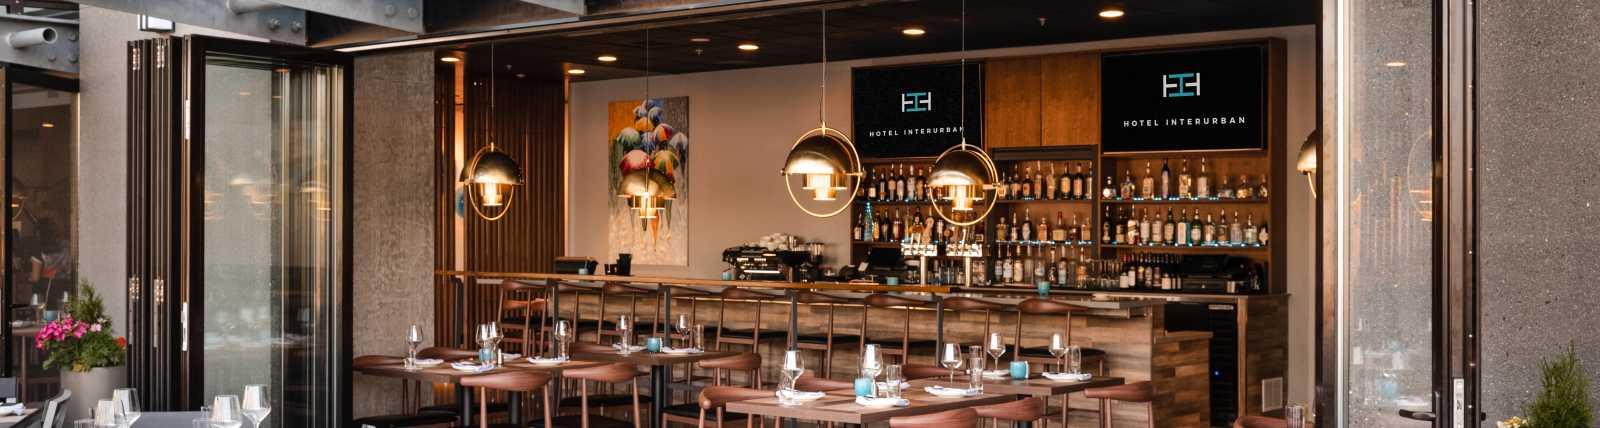 Waterleaf Restaurant & Bar Exterior